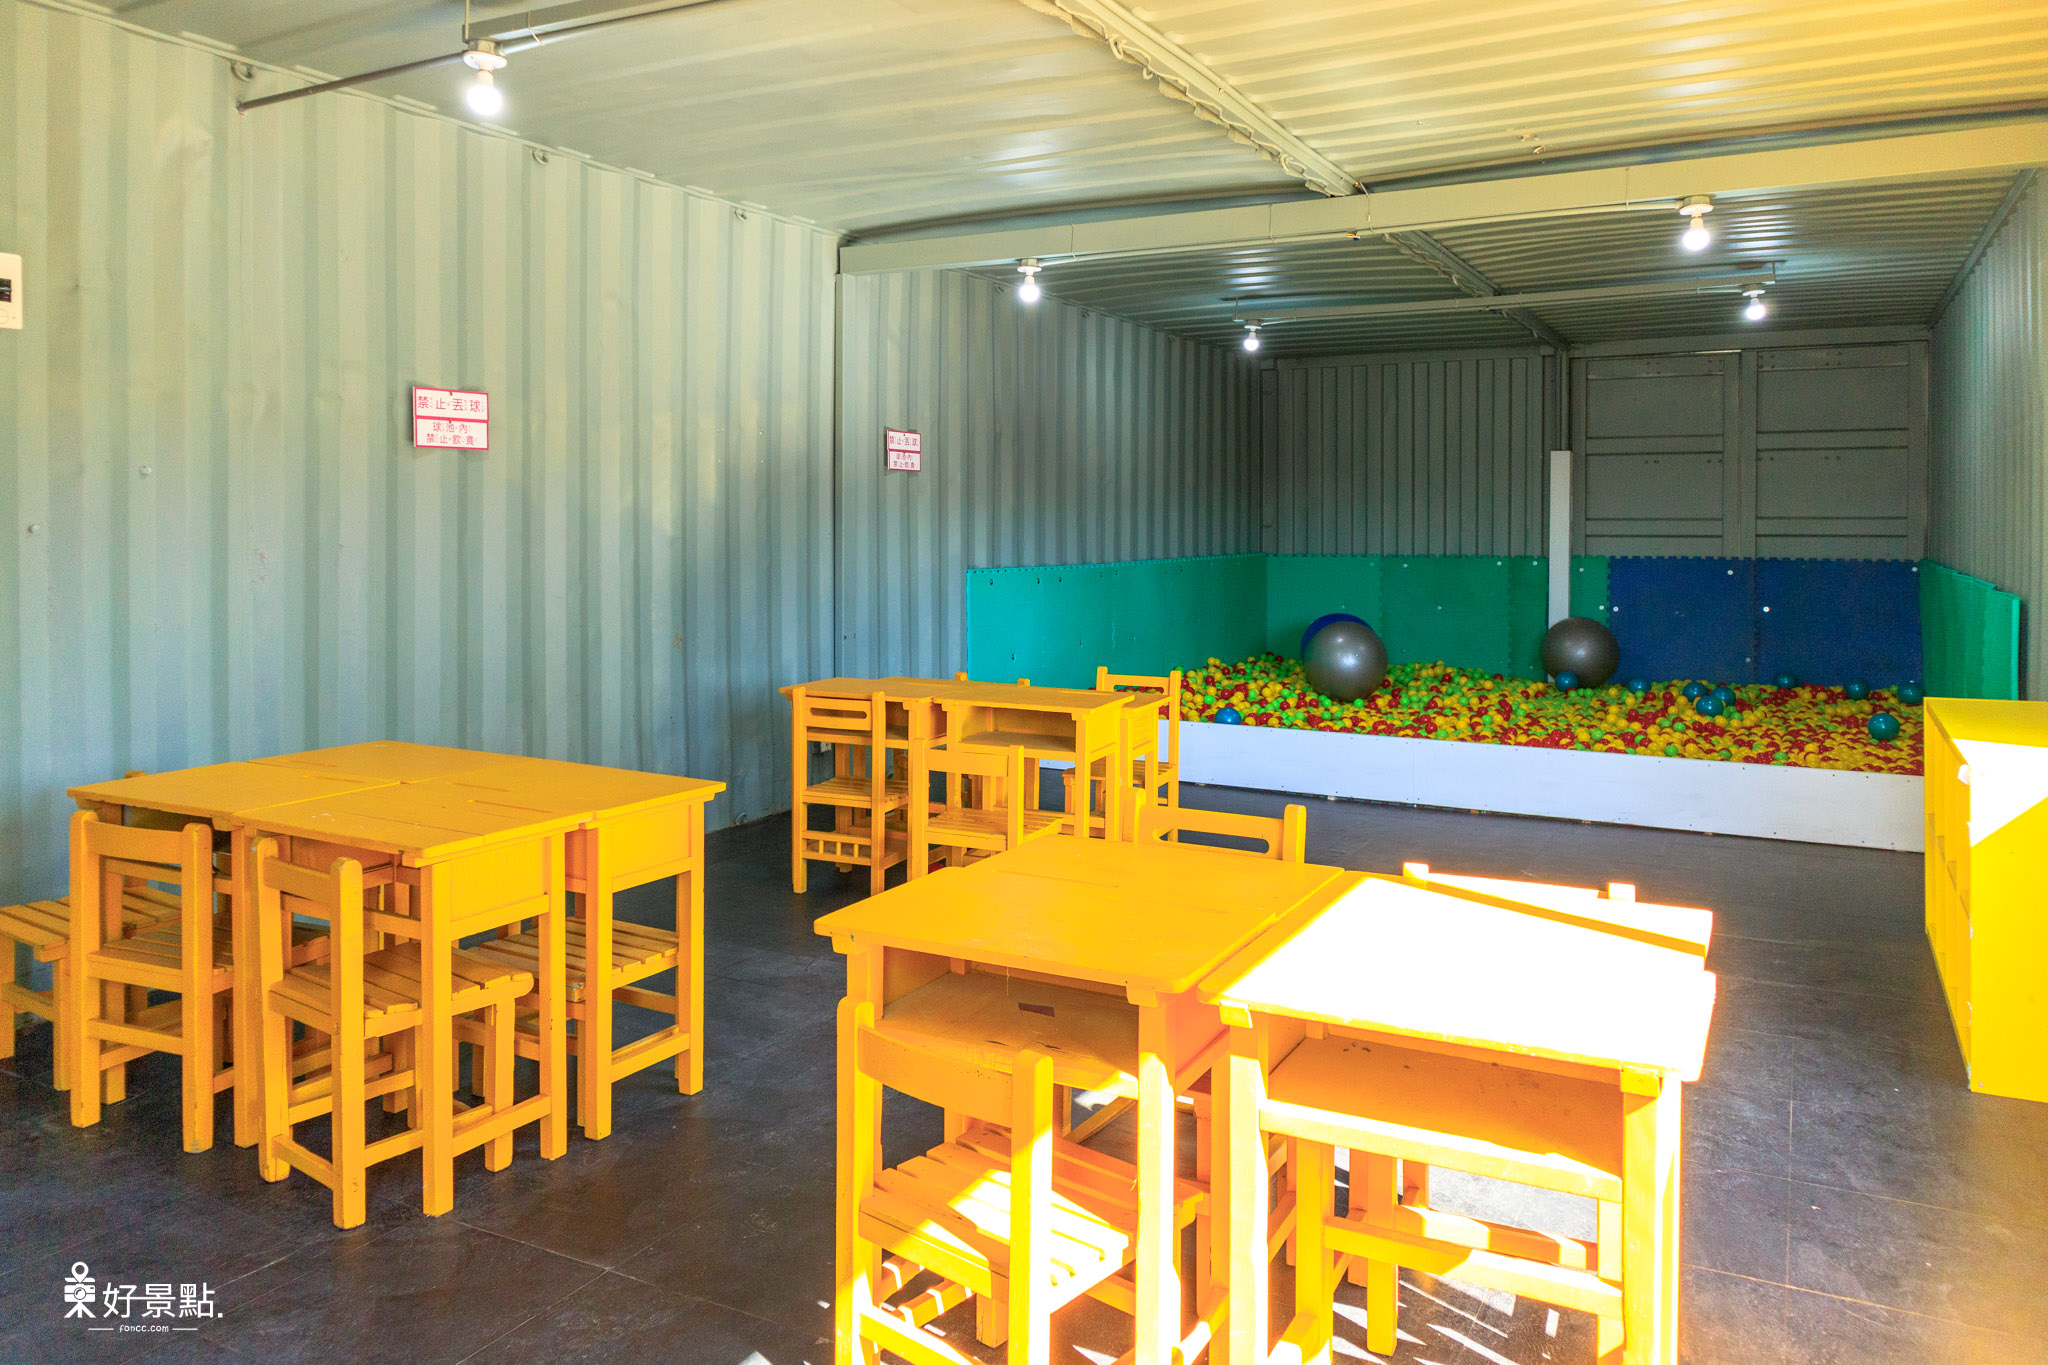 |新北。淡水|2017淡水蛋蛋節-巨大扭蛋機、彩色貨櫃屋超多活動從早玩到晚!